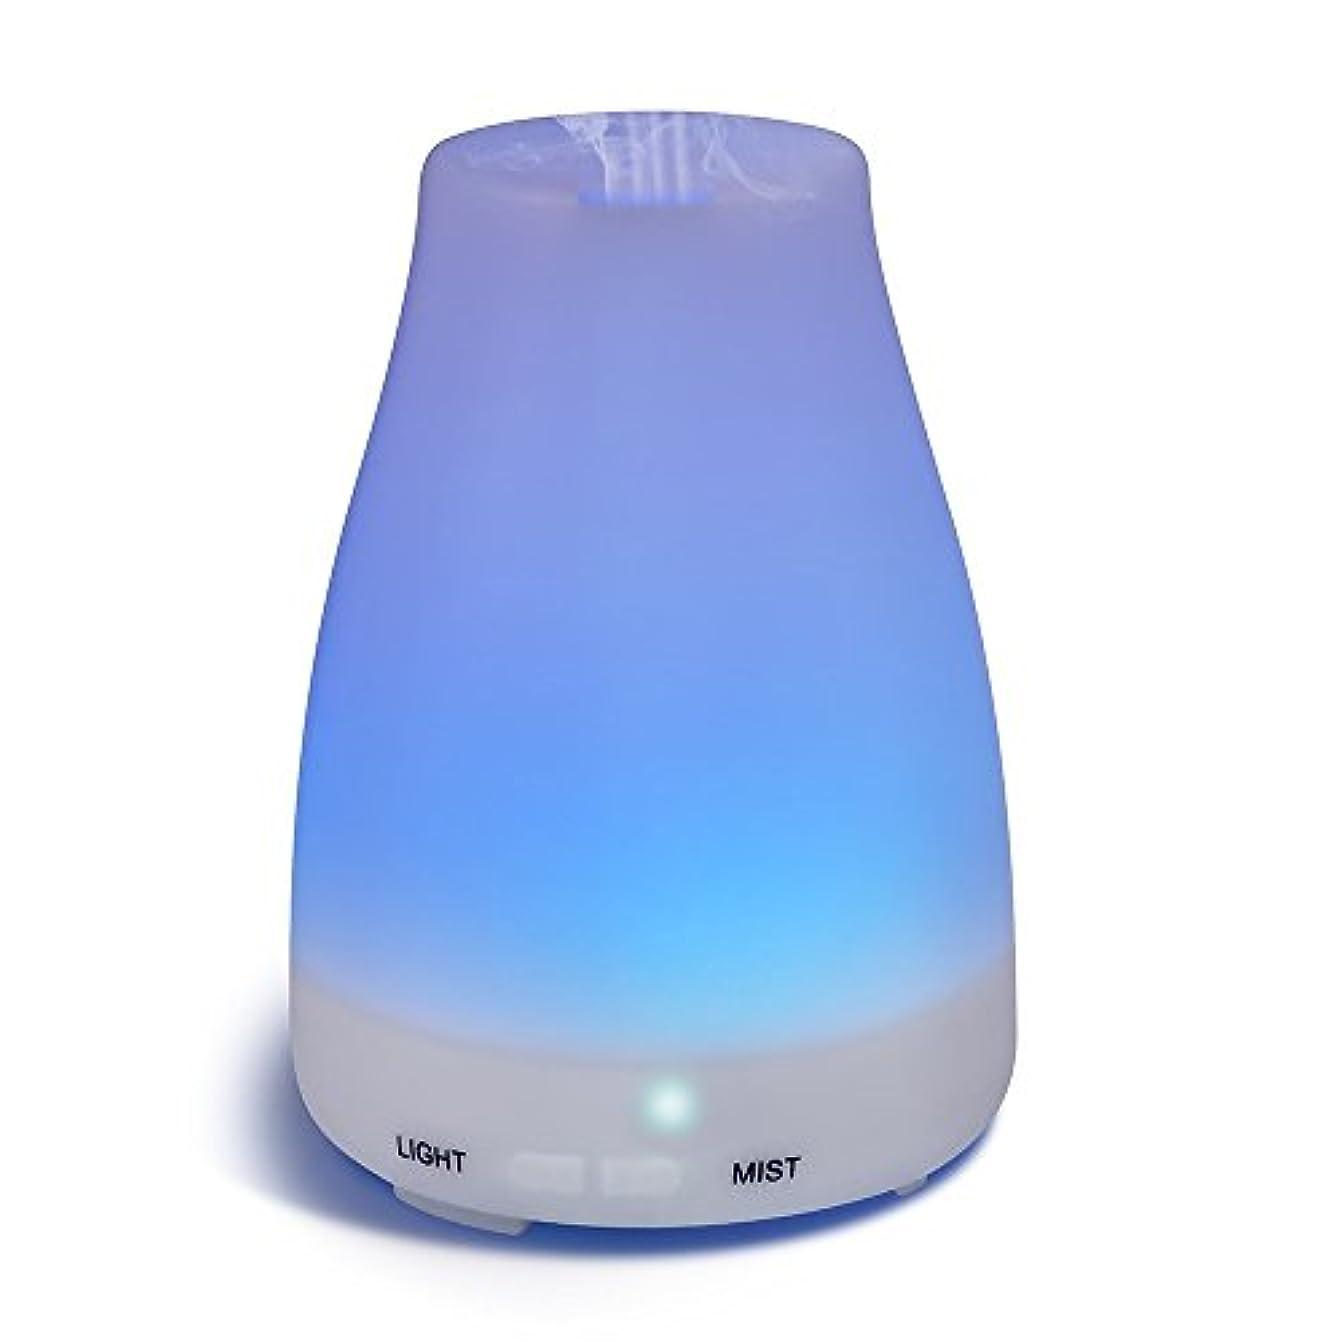 ホステス印をつける地域HOMREE 100mL加湿器アロマセラピー エッセンシャル 油 ディフューザー、7 カラフル LED ライト、調節可能な ミスト モード そして オート シャット- オフ